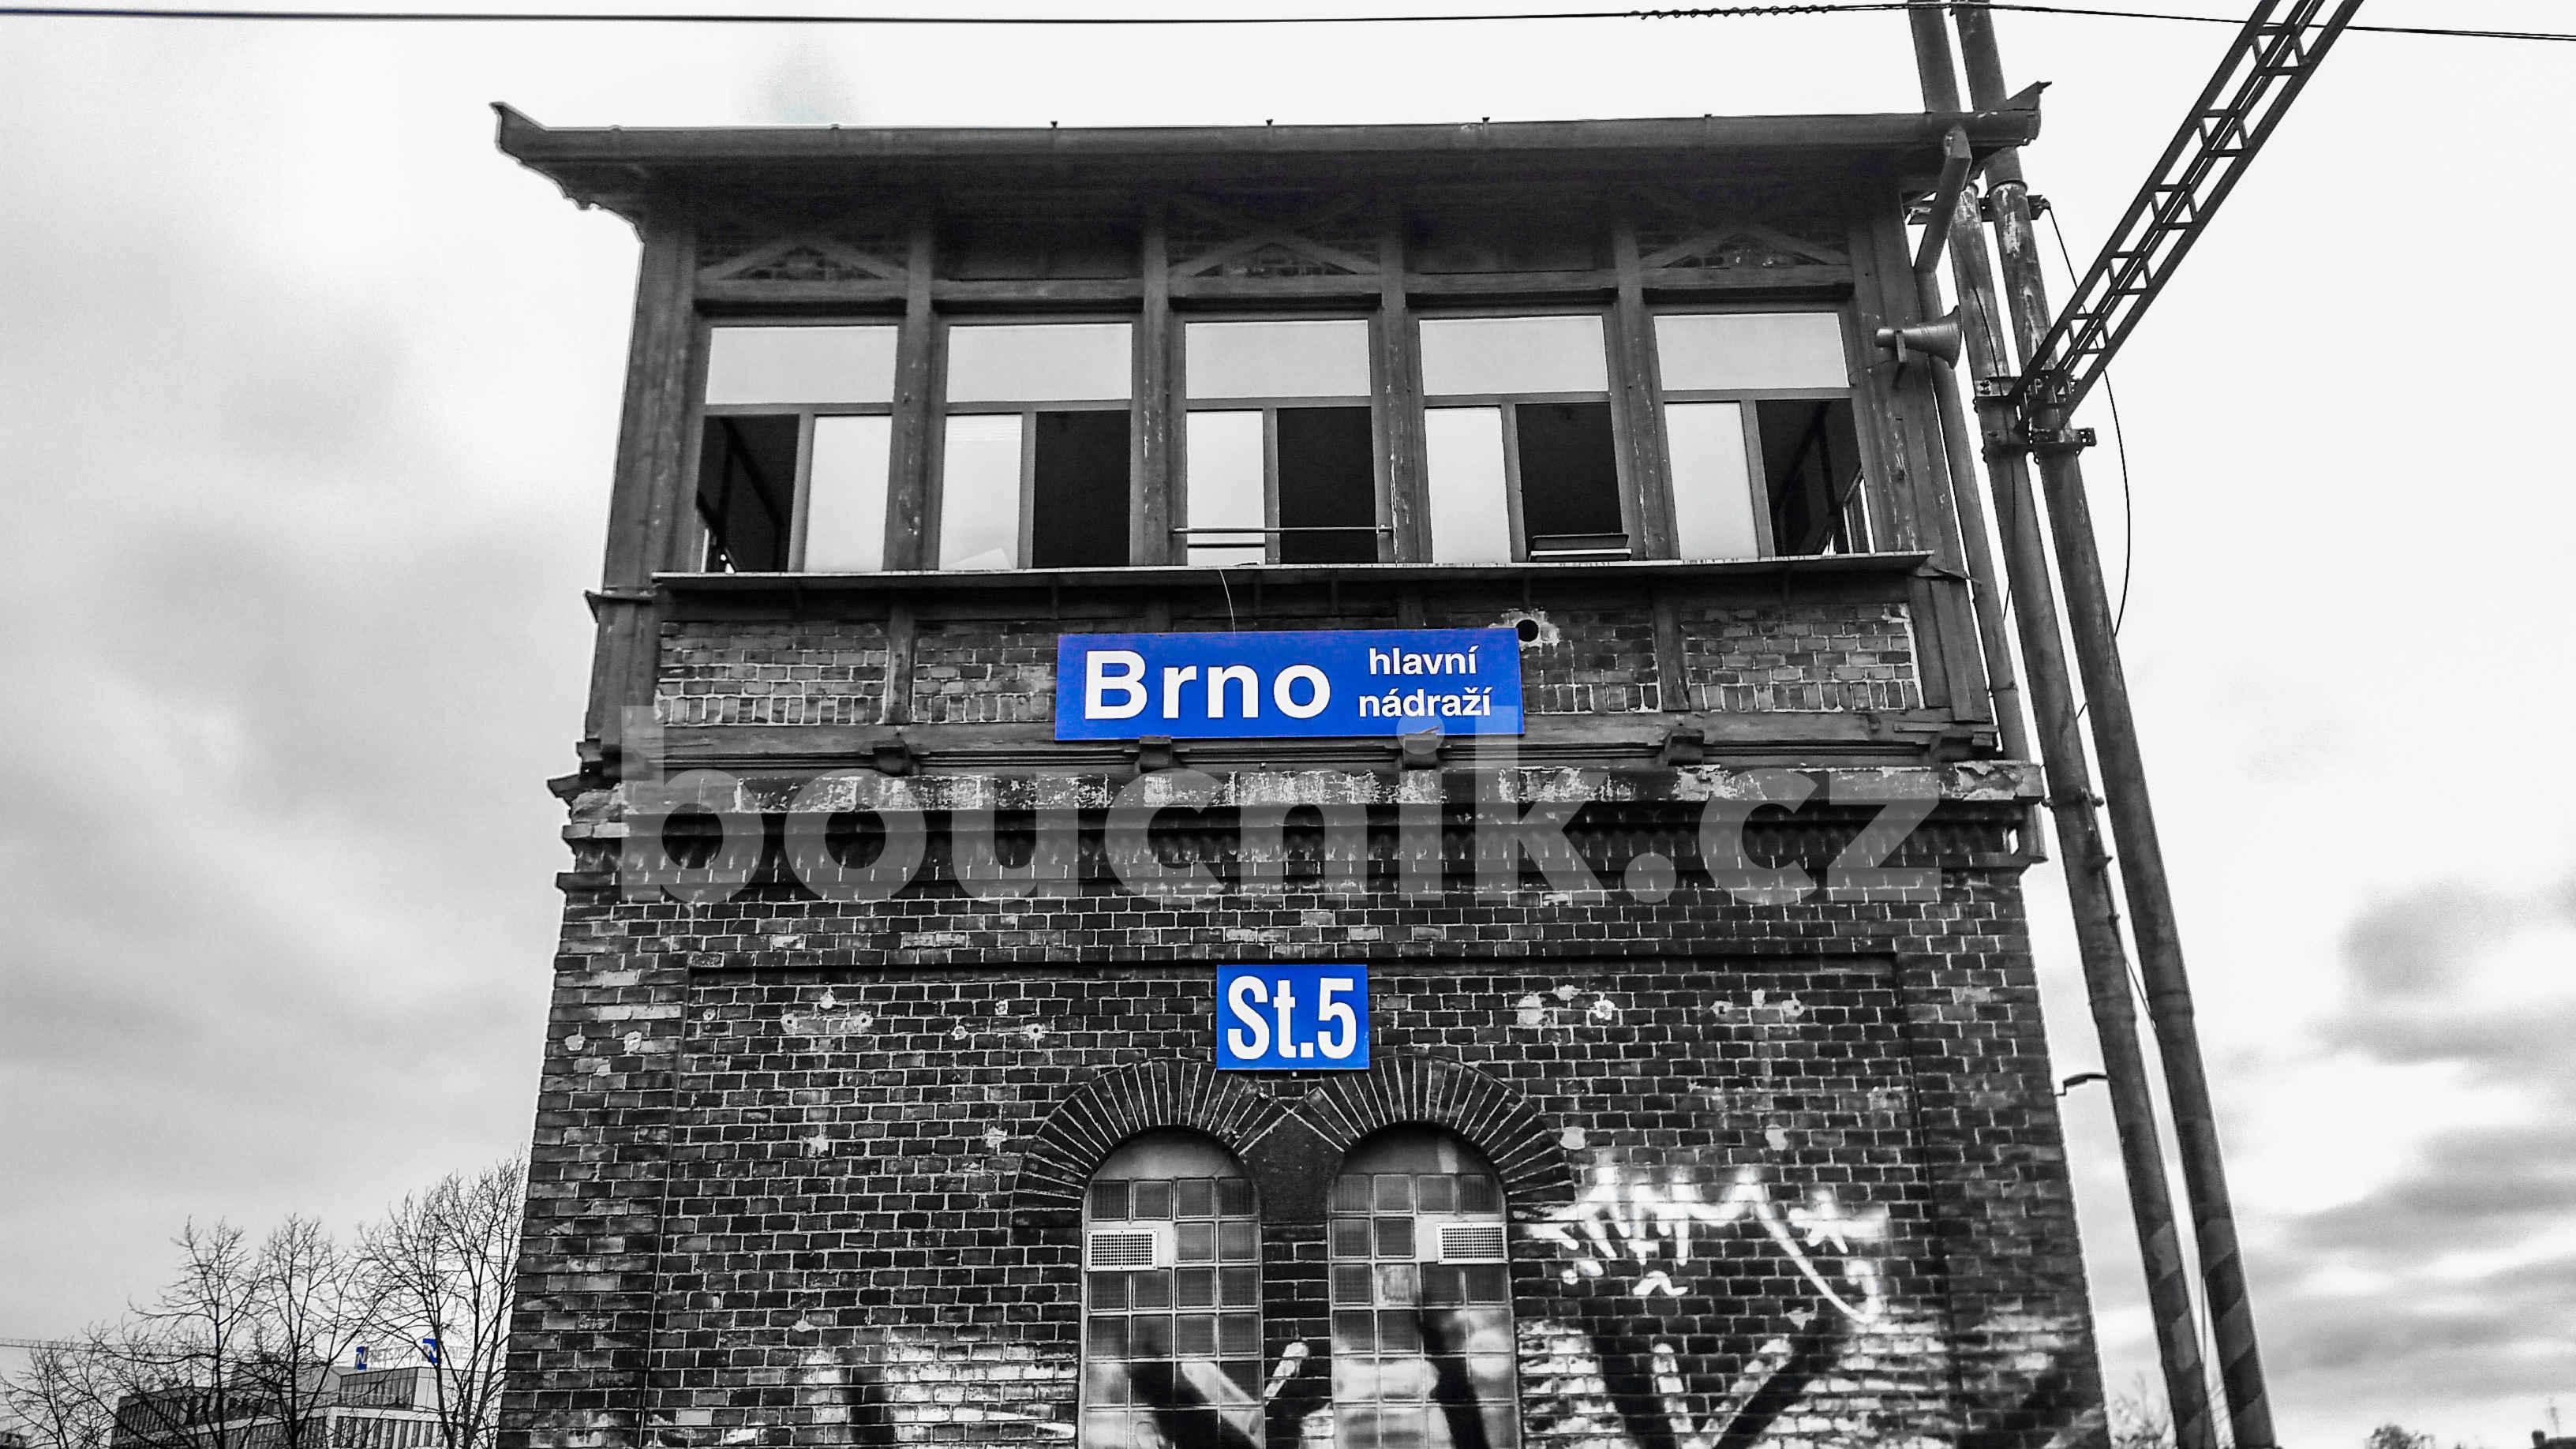 Stavědlo číslo V na brněnském nádraží